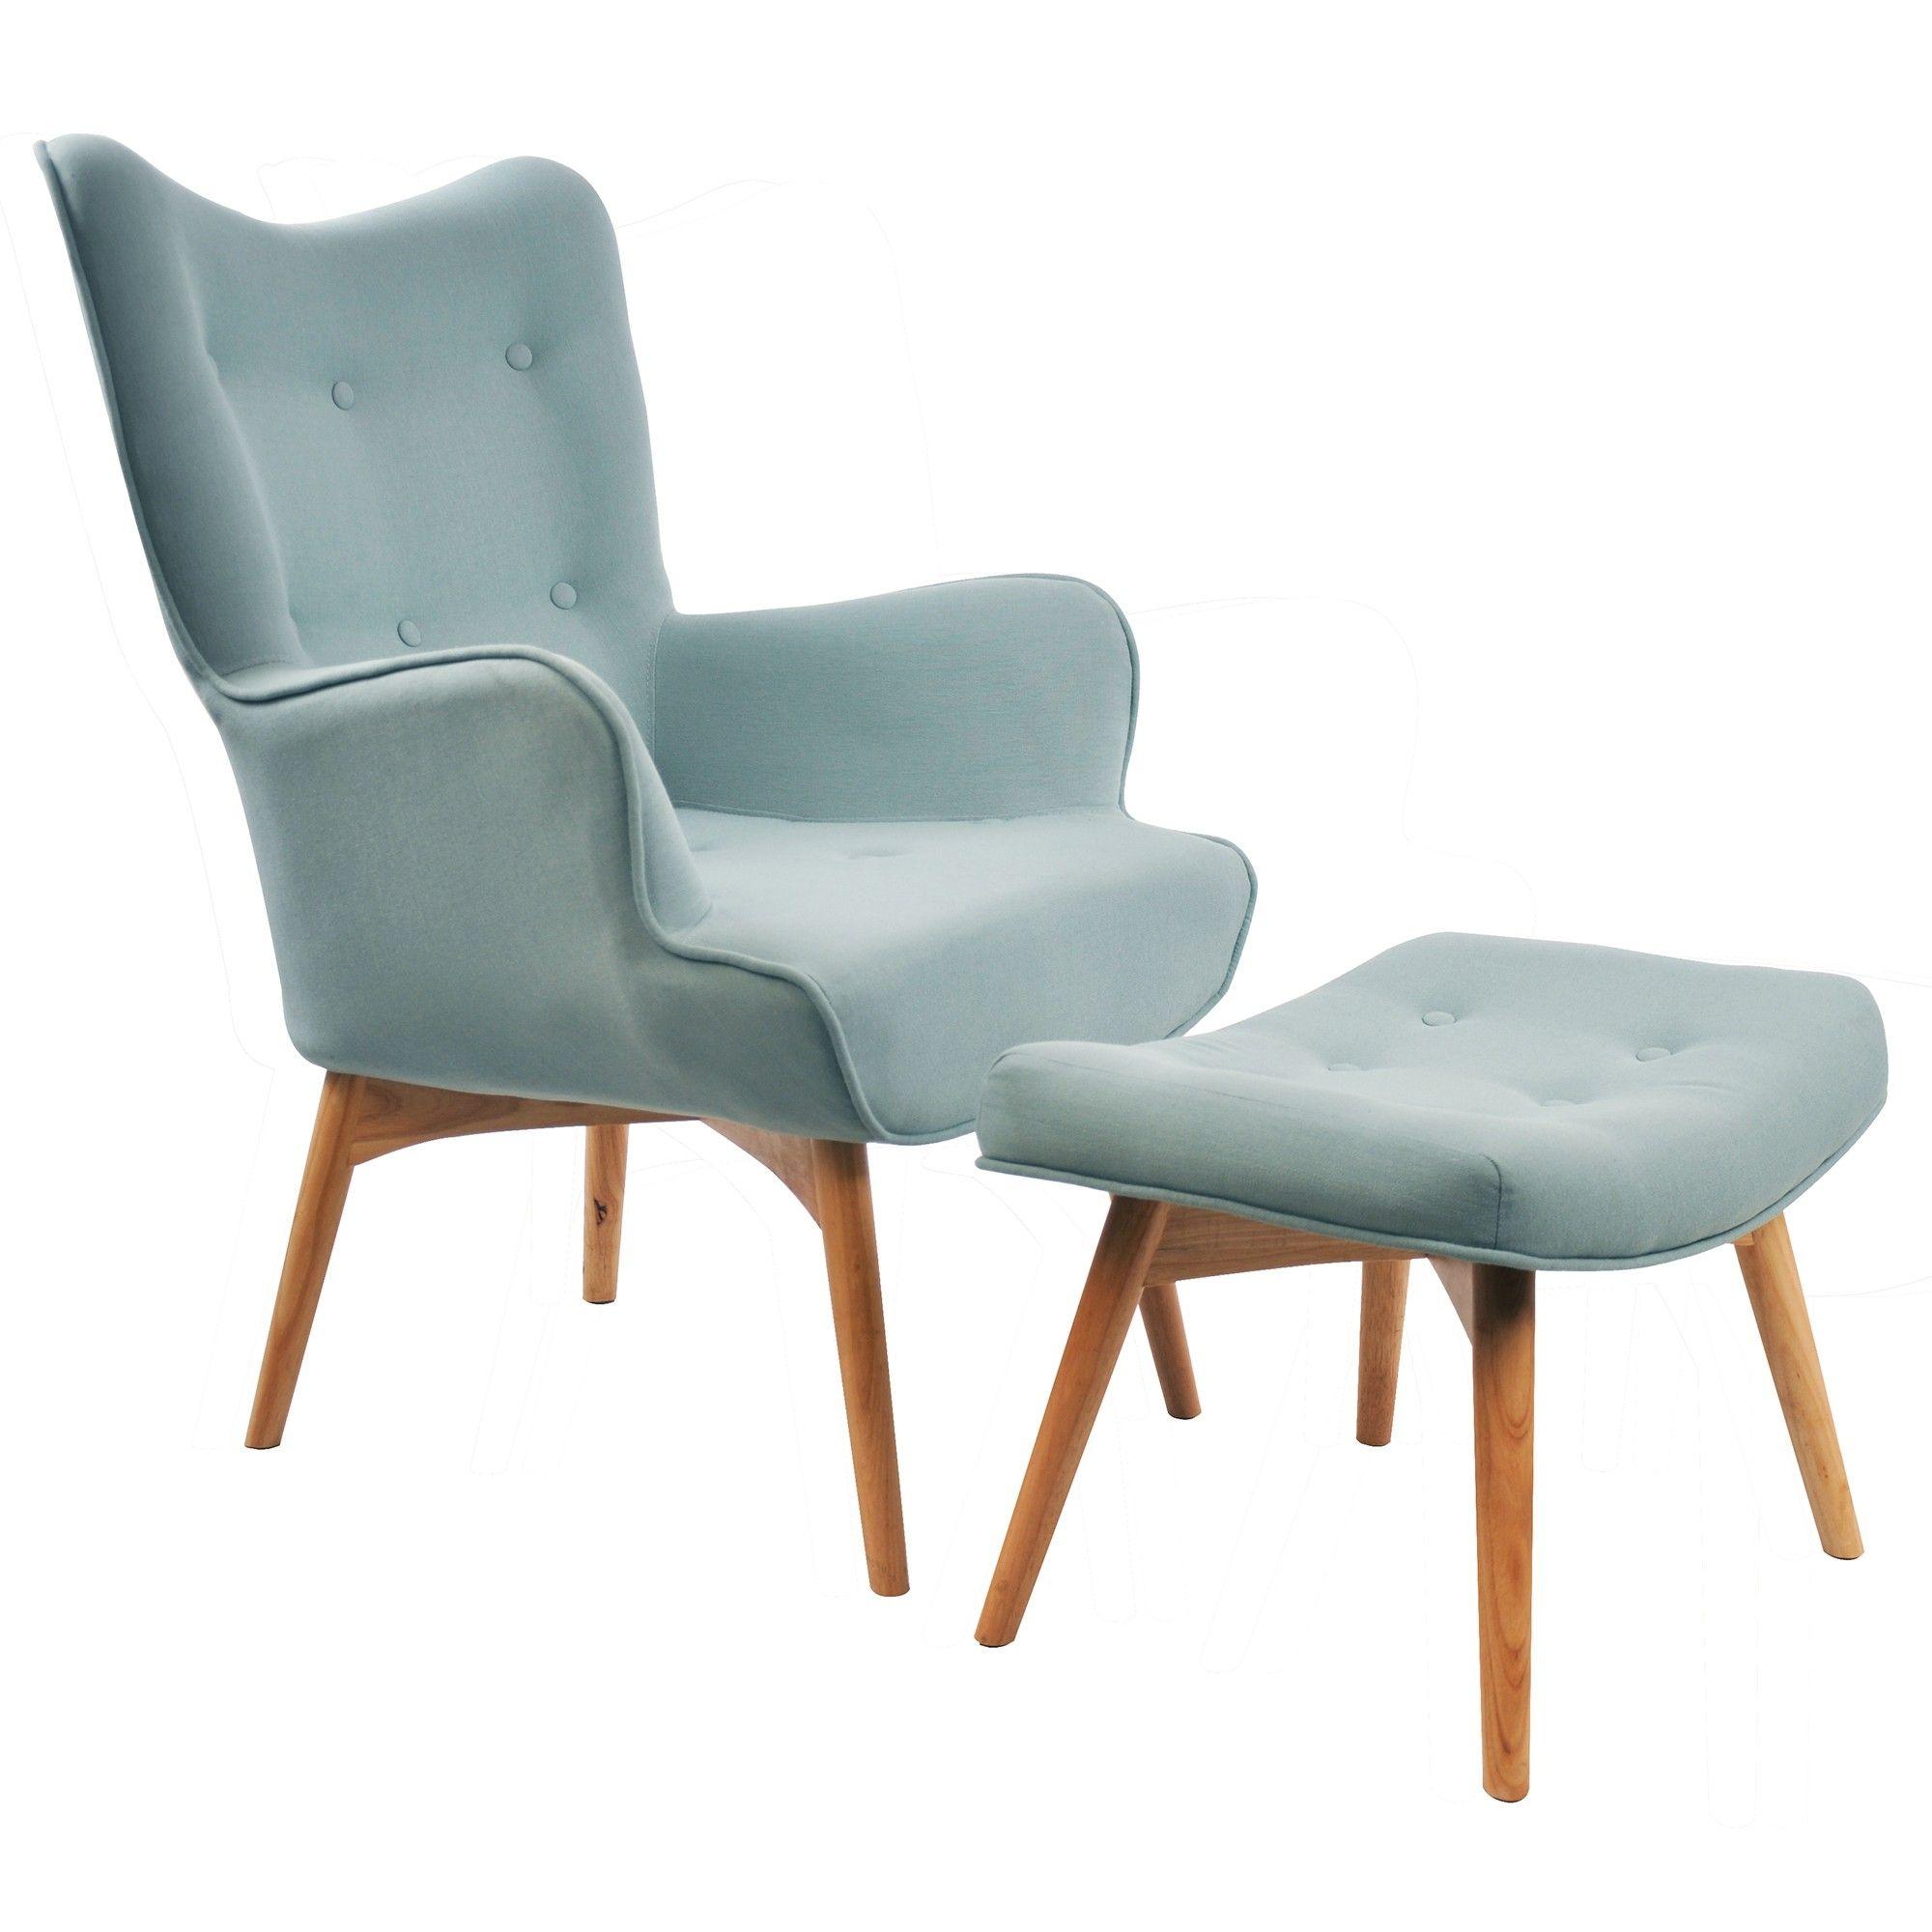 Arten von esszimmermöbeln großen osmanischen einzelne stühle für wohnzimmer stuhl und eine